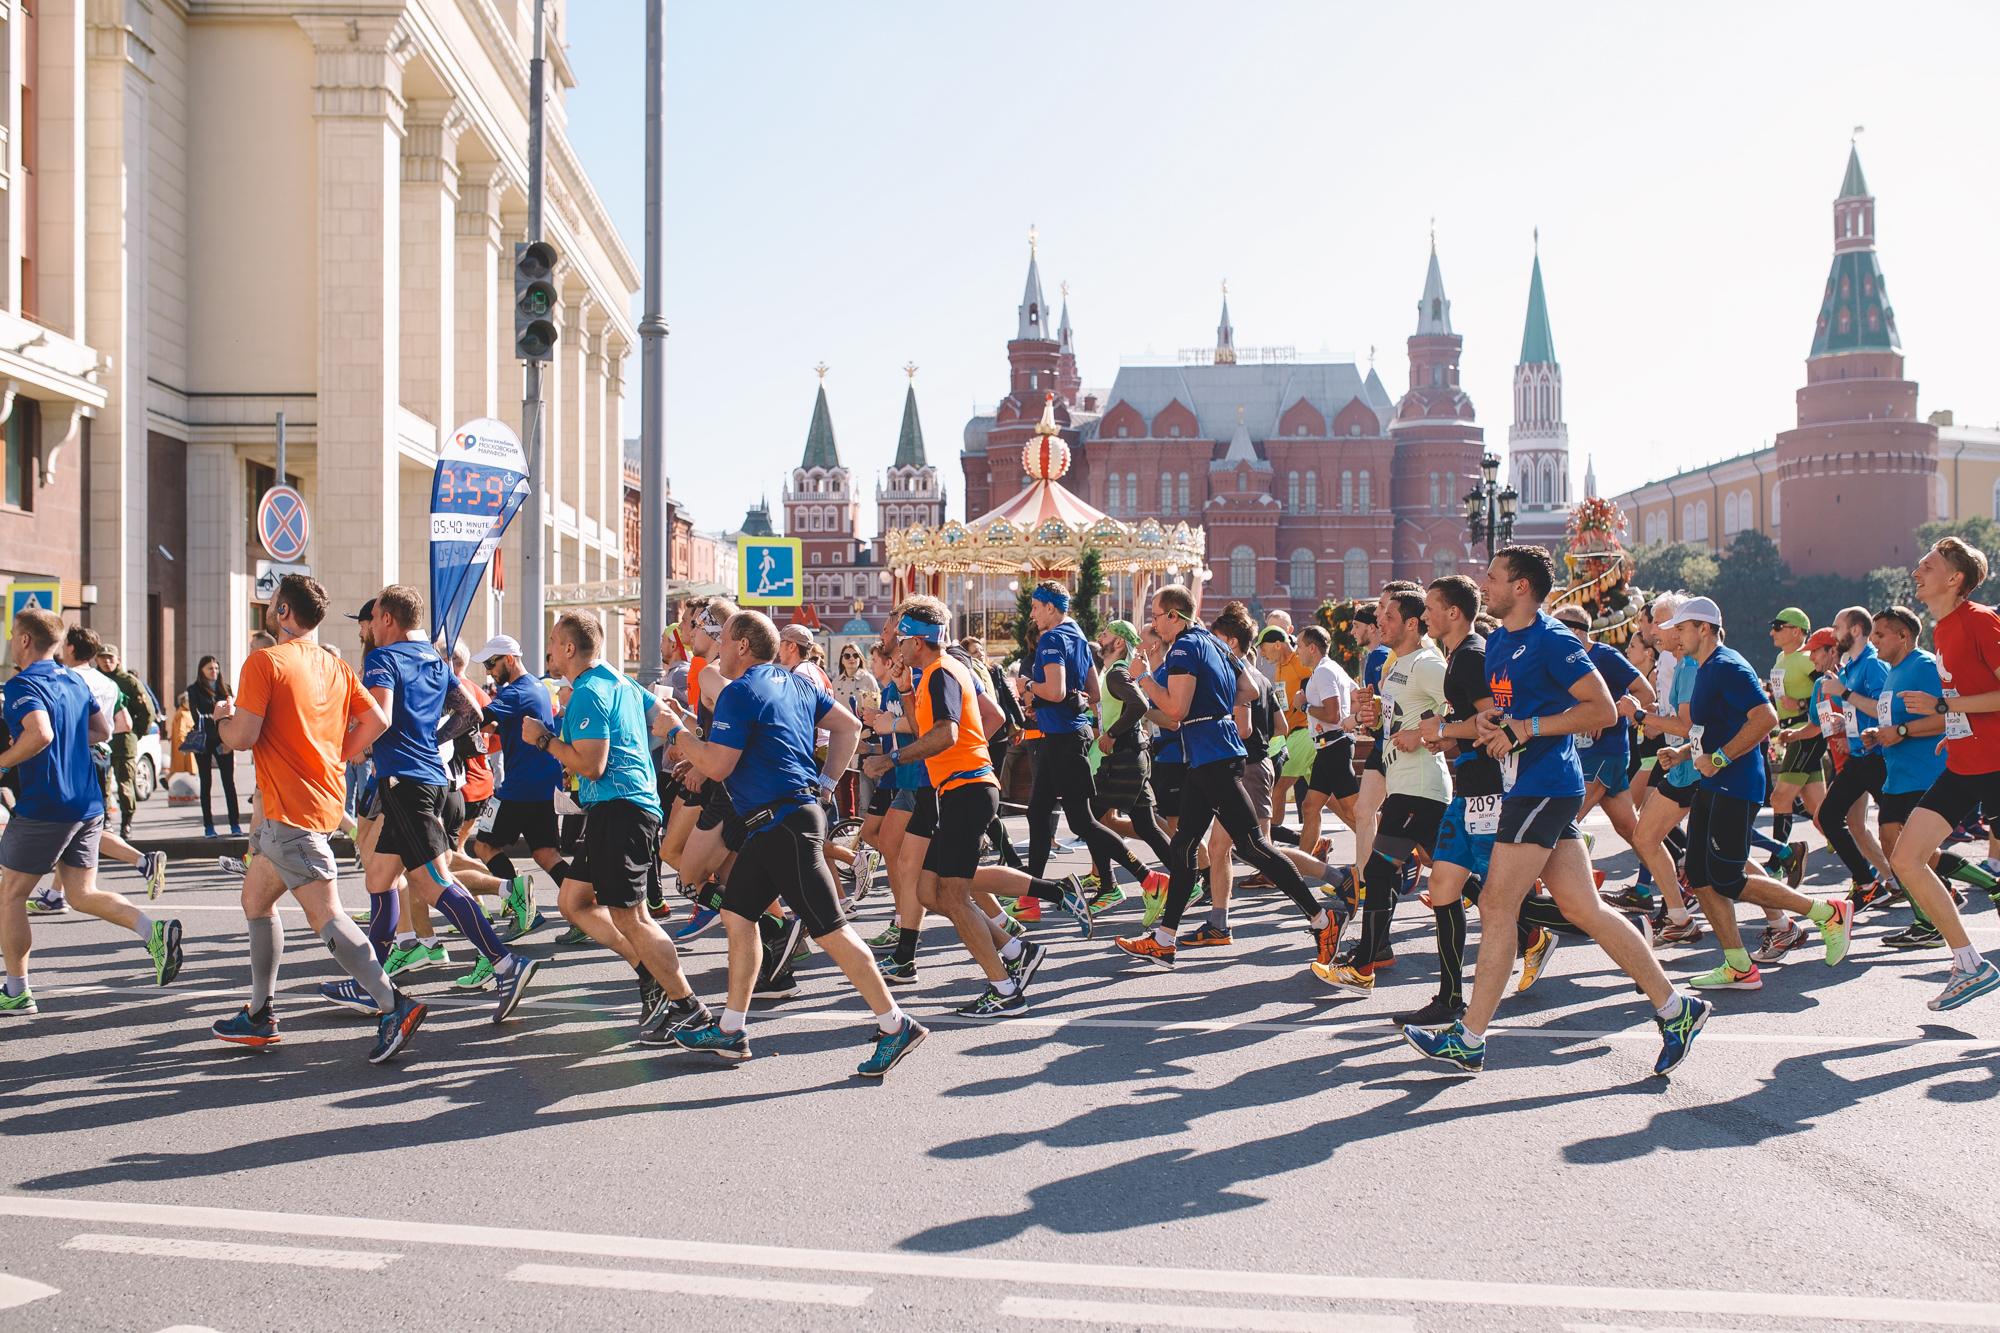 dd7913f14298 Примите участие в самом массовом забеге России — пробегите марафон по  центру столицы. Главный марафон страны. 42,2 км и 10 км в сердце города.